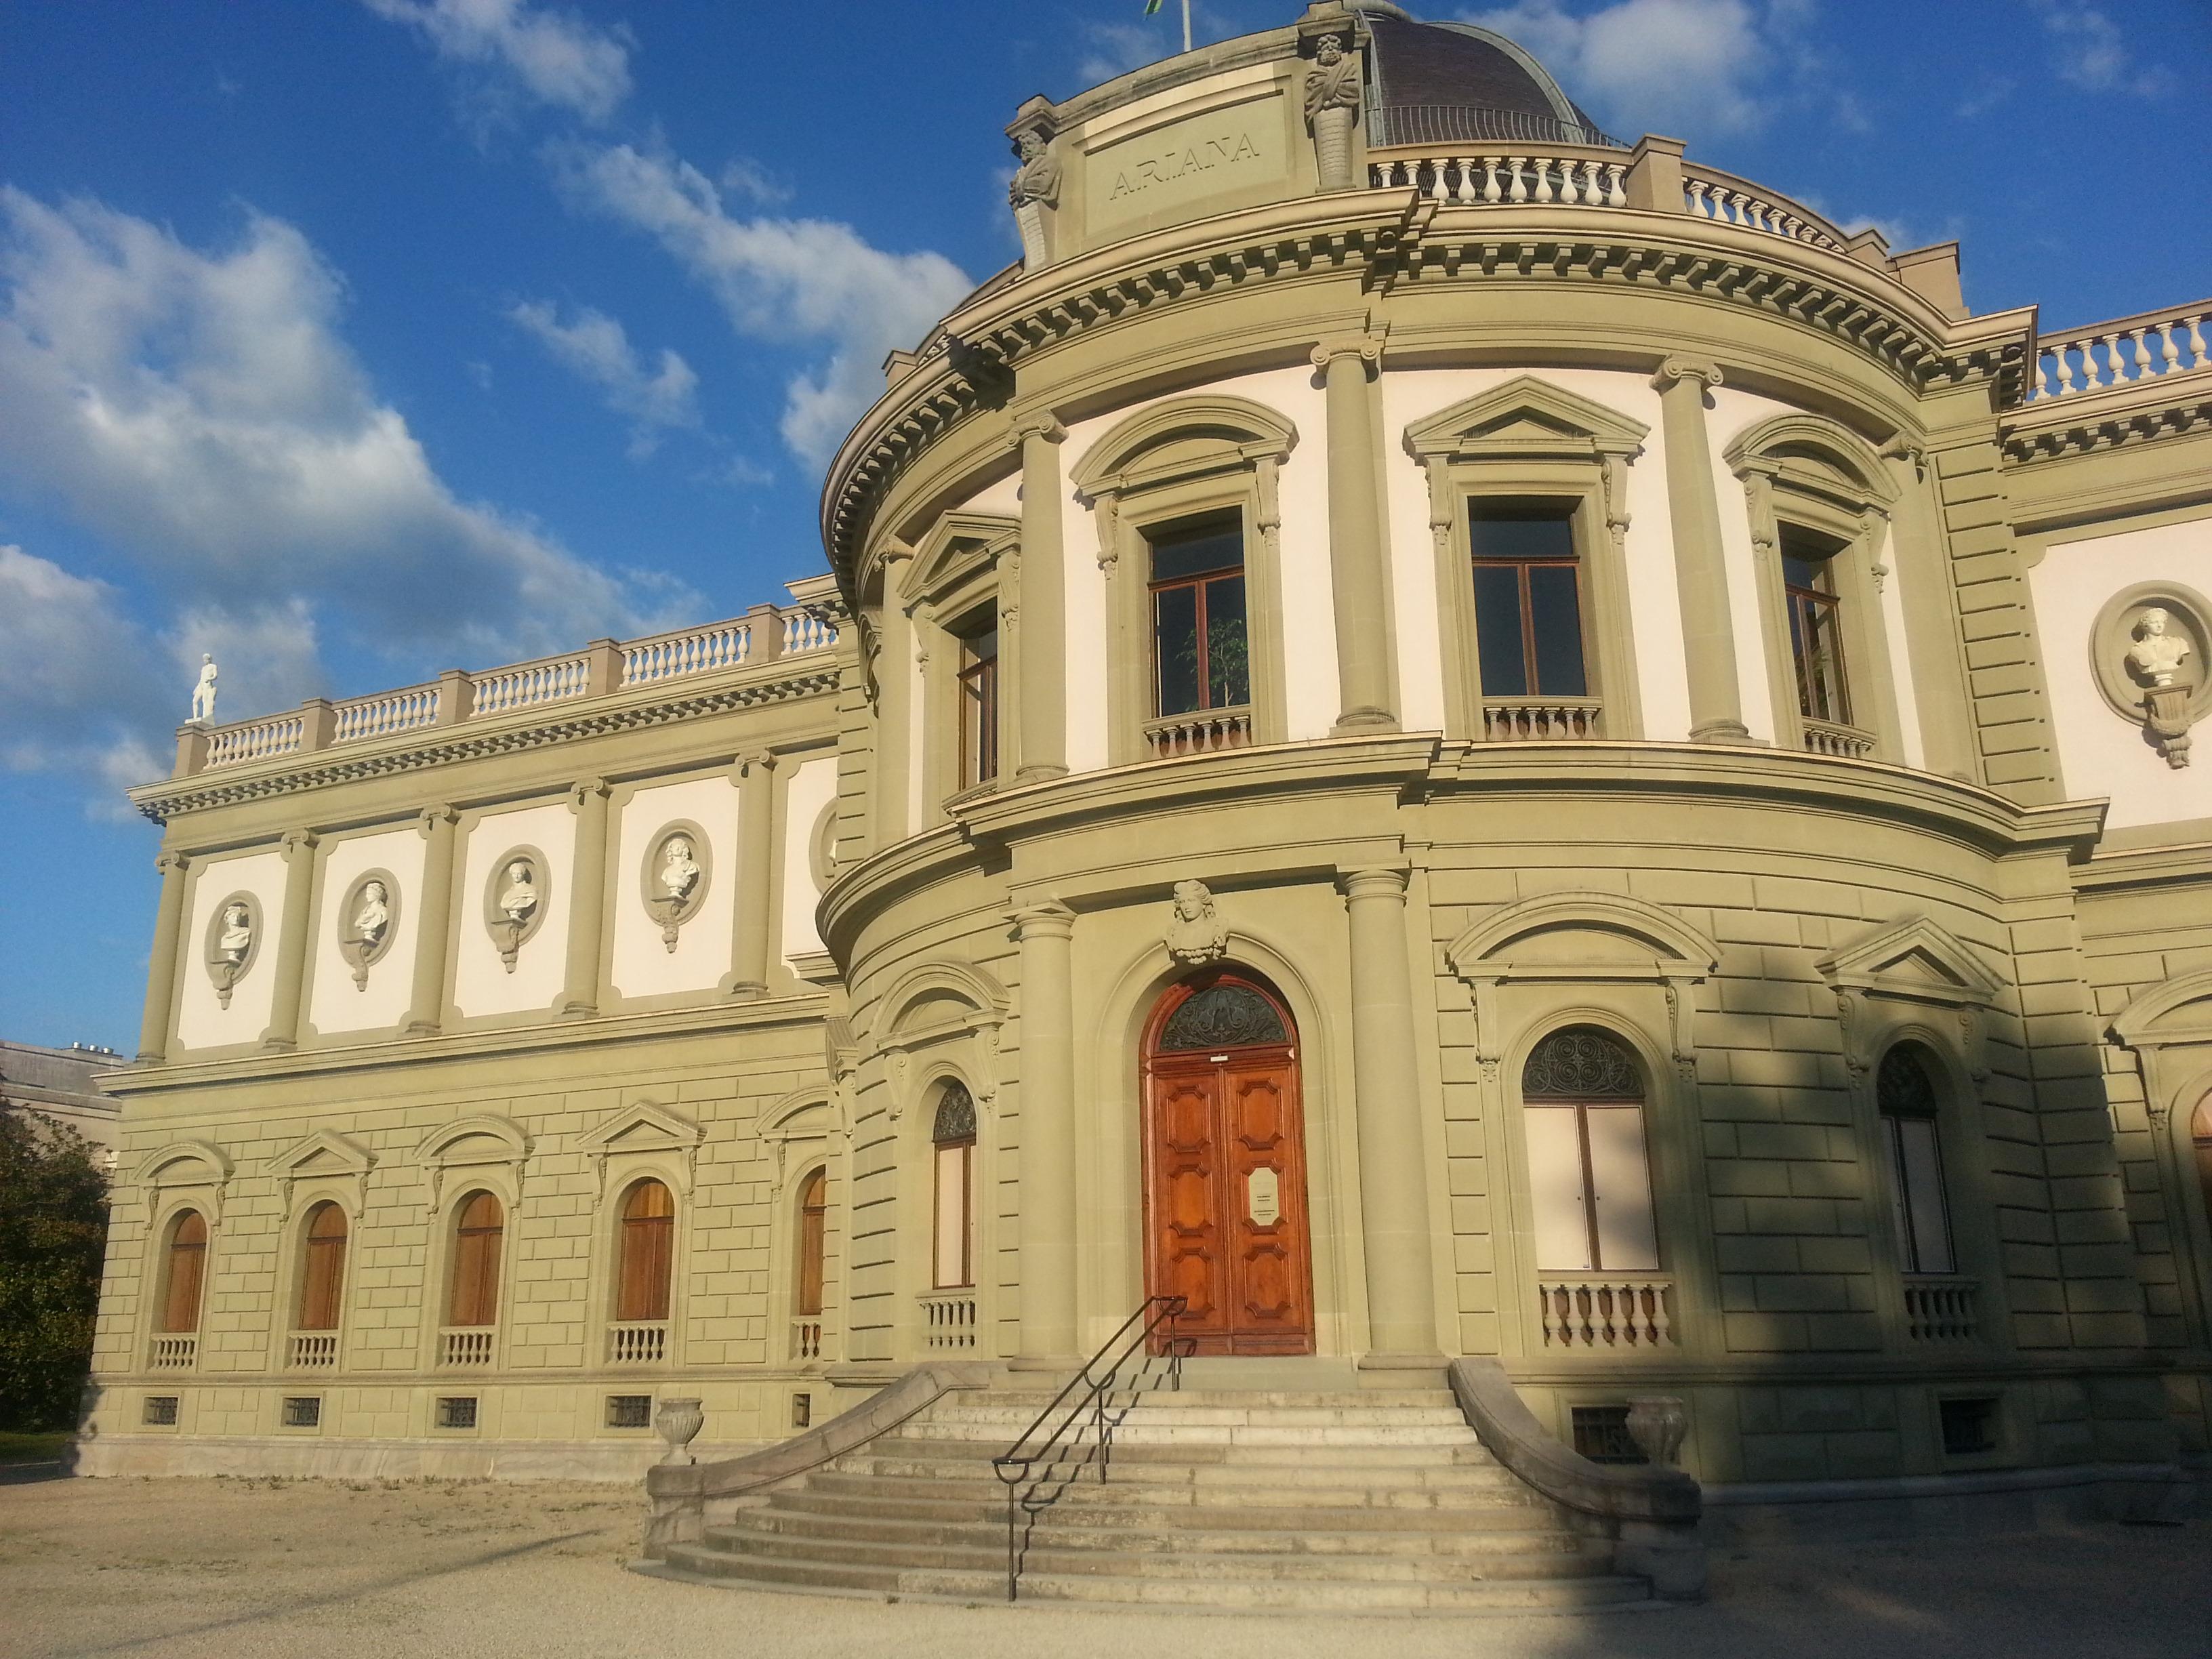 日内瓦博物馆探索发现之旅